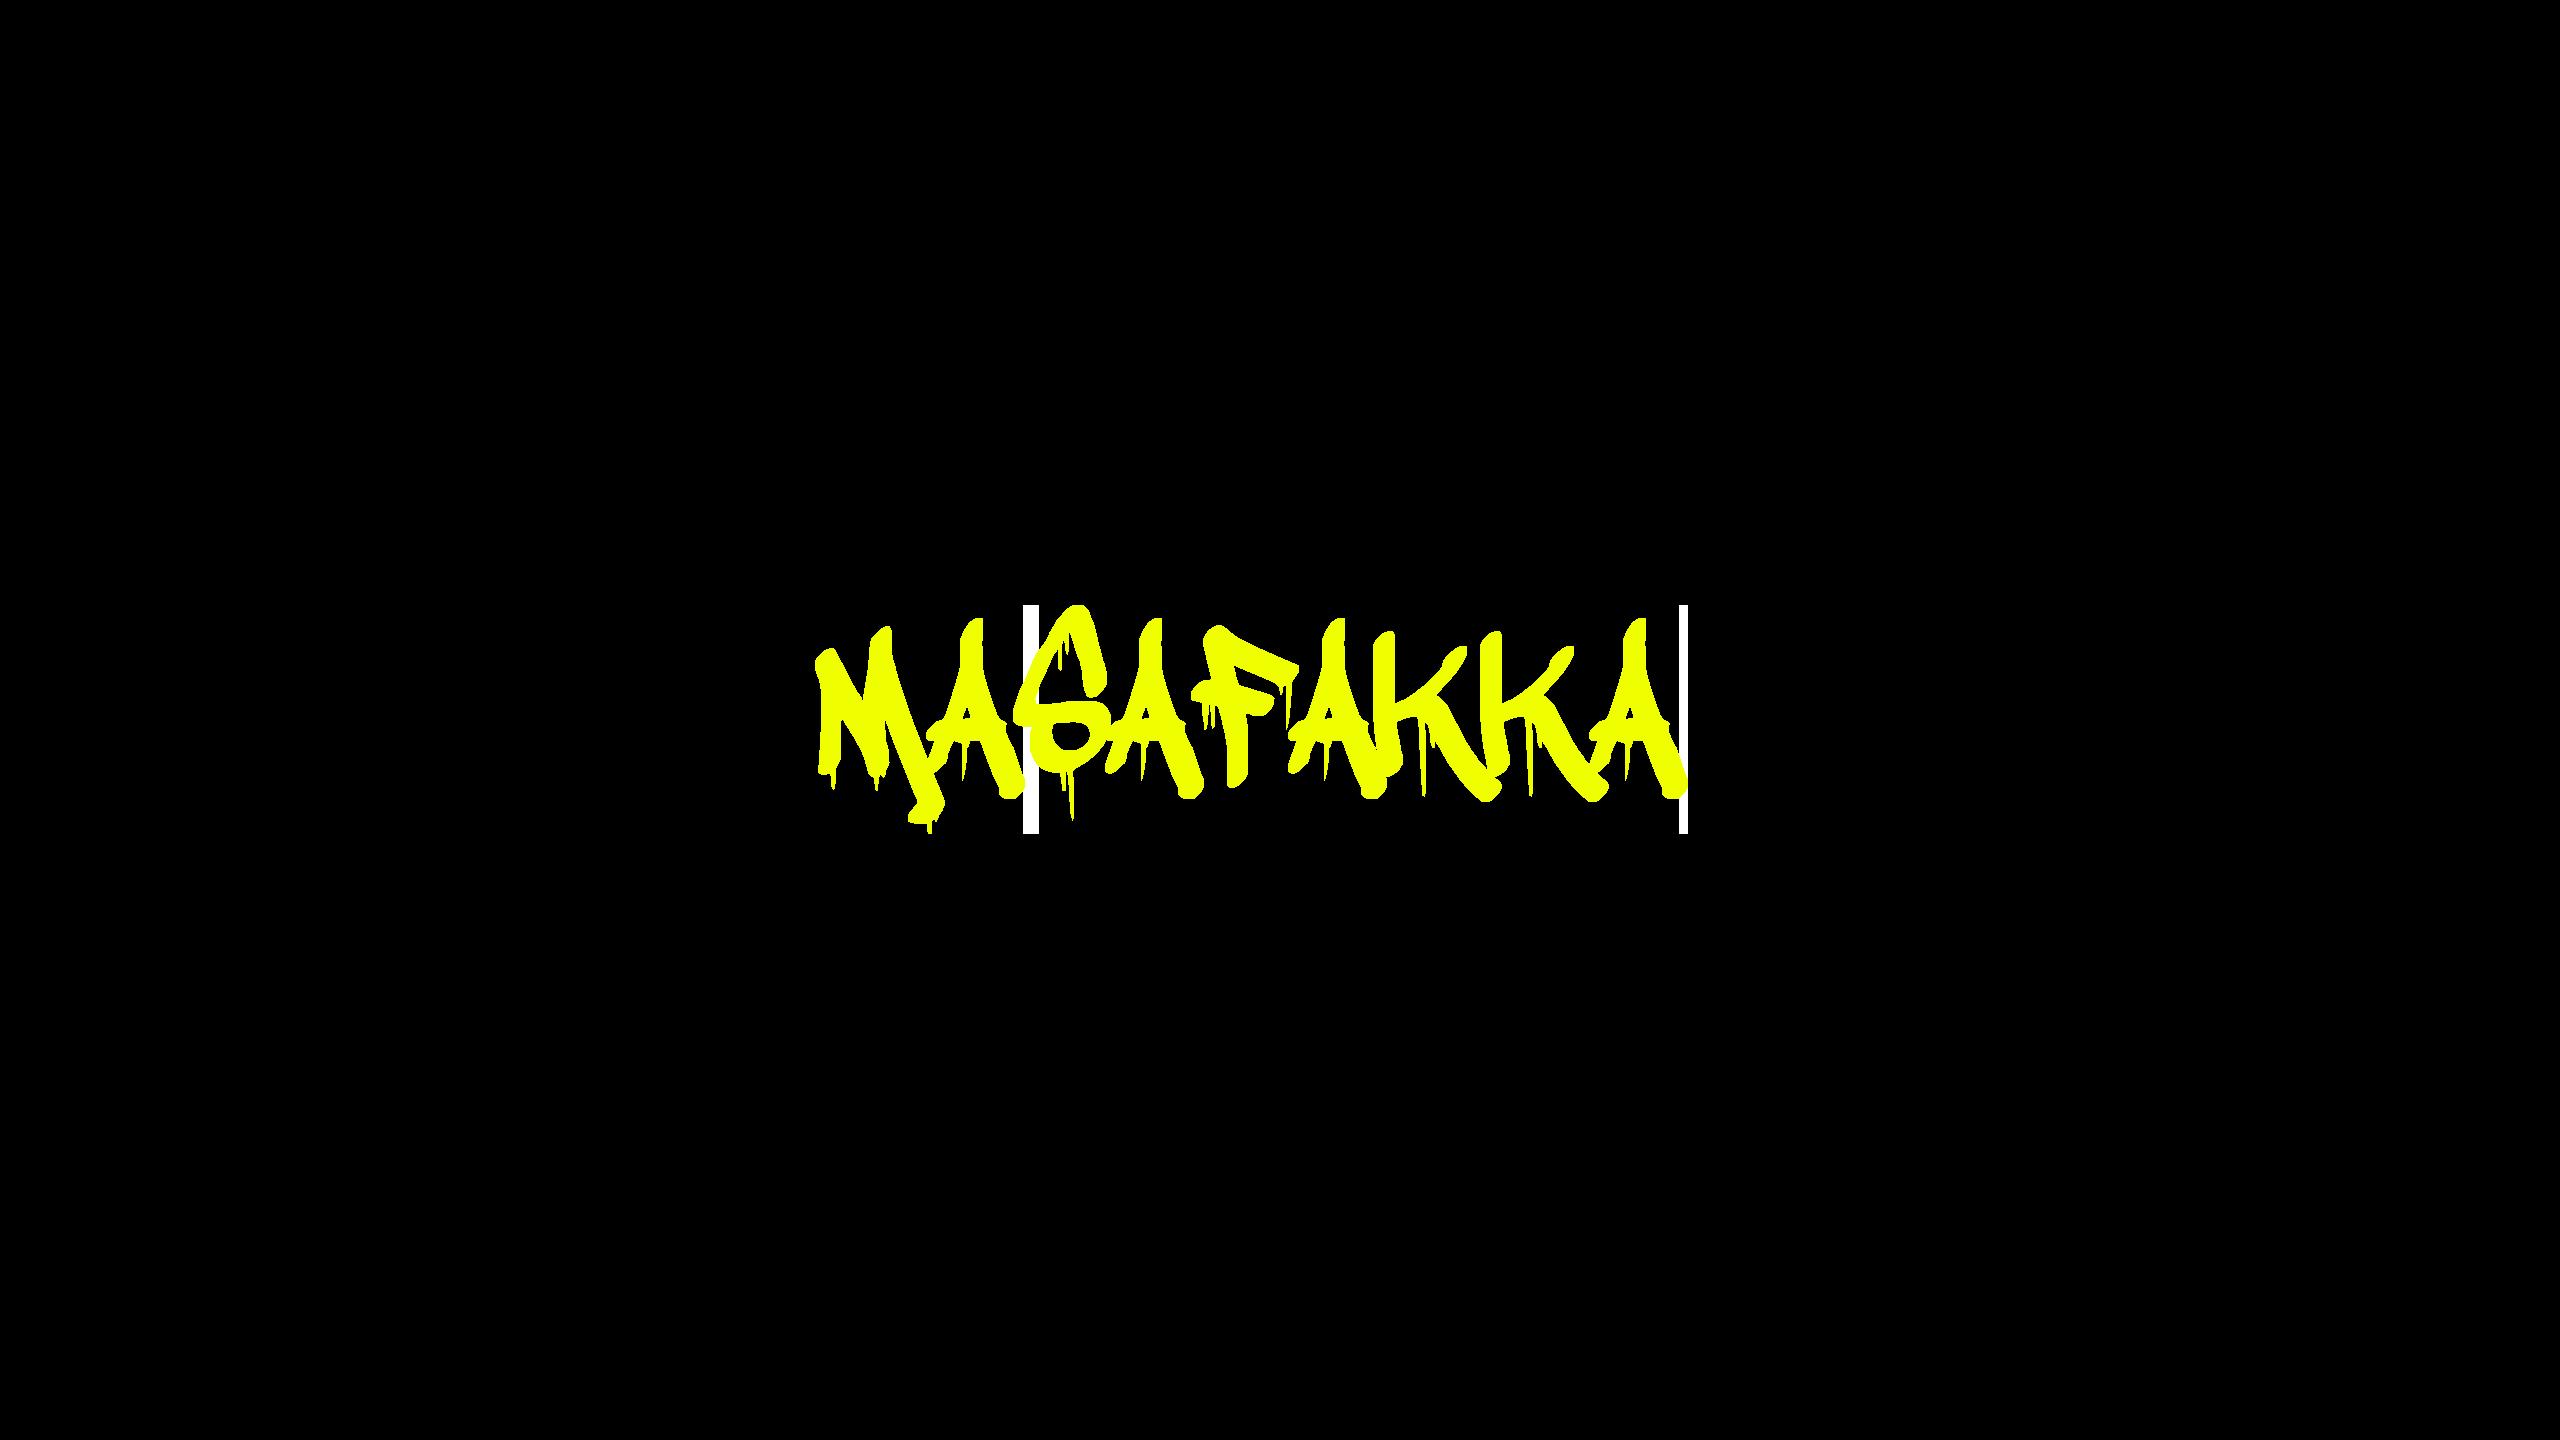 Masafakka-YT-BAnner-CLEAN.png